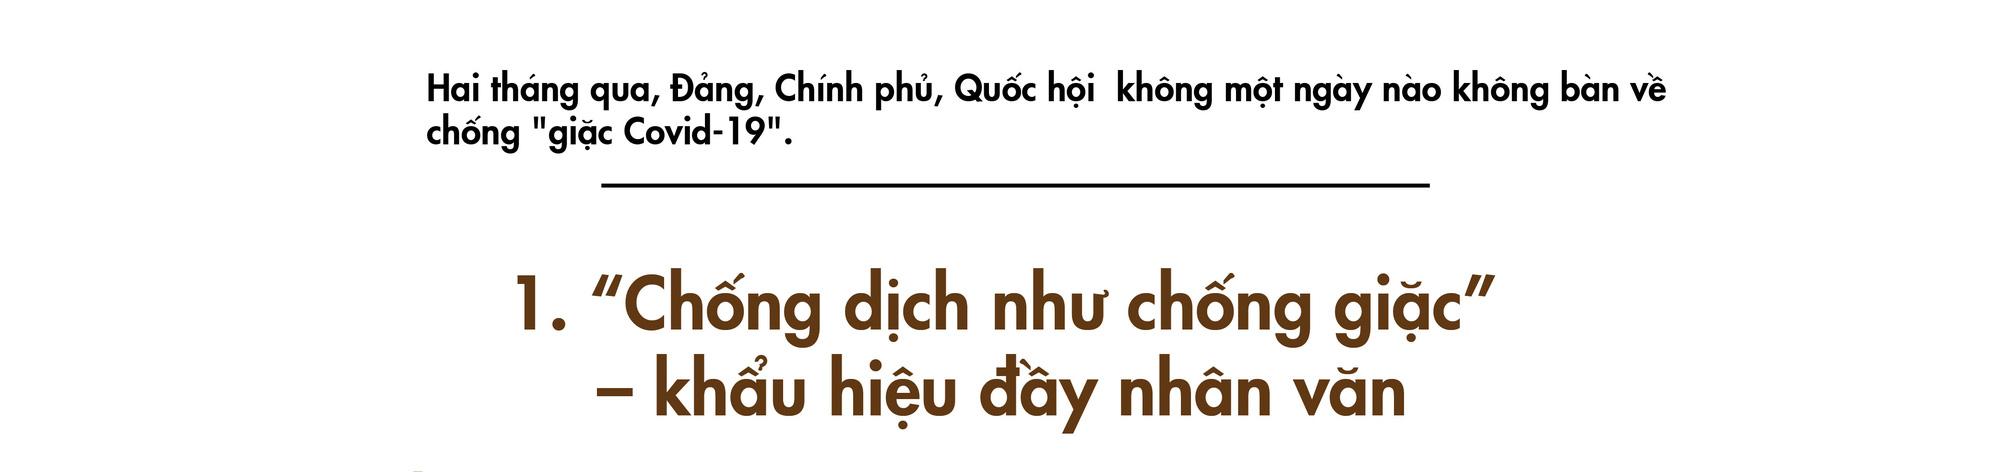 """Thiếu tướng Lê Văn Cương: Chống giặc ngoại xâm cam go, chống """"giặc dịch"""" cũng đầy khó khăn, thử thách   - Ảnh 1."""